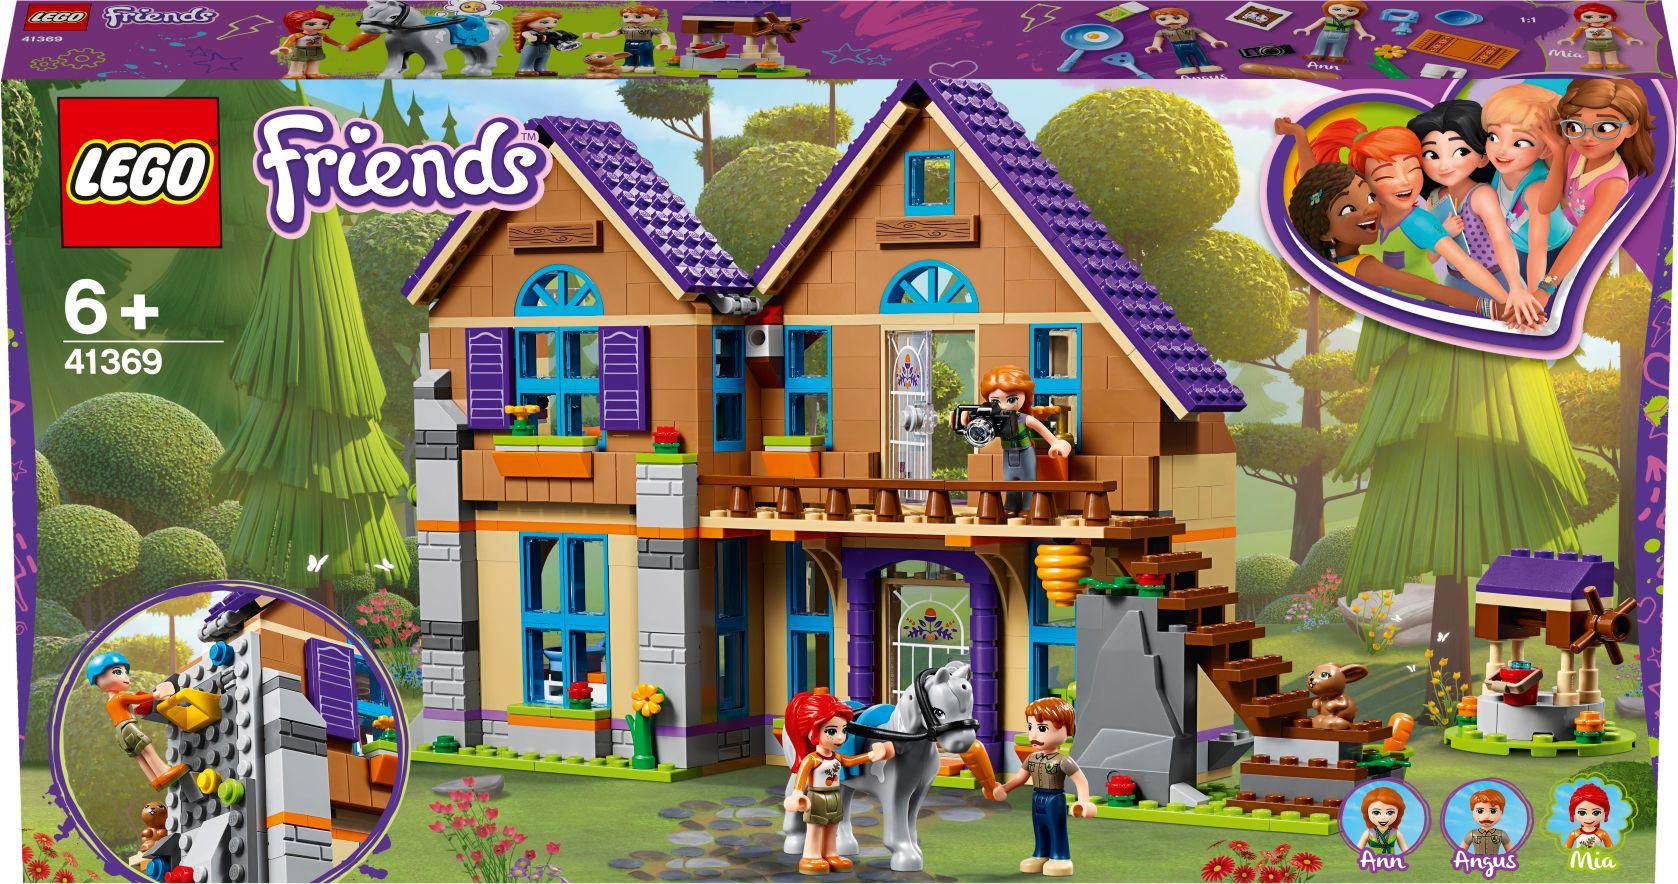 LEGO® Friends - 41369 Mias Haus mit Pferd als sonstige Artikel